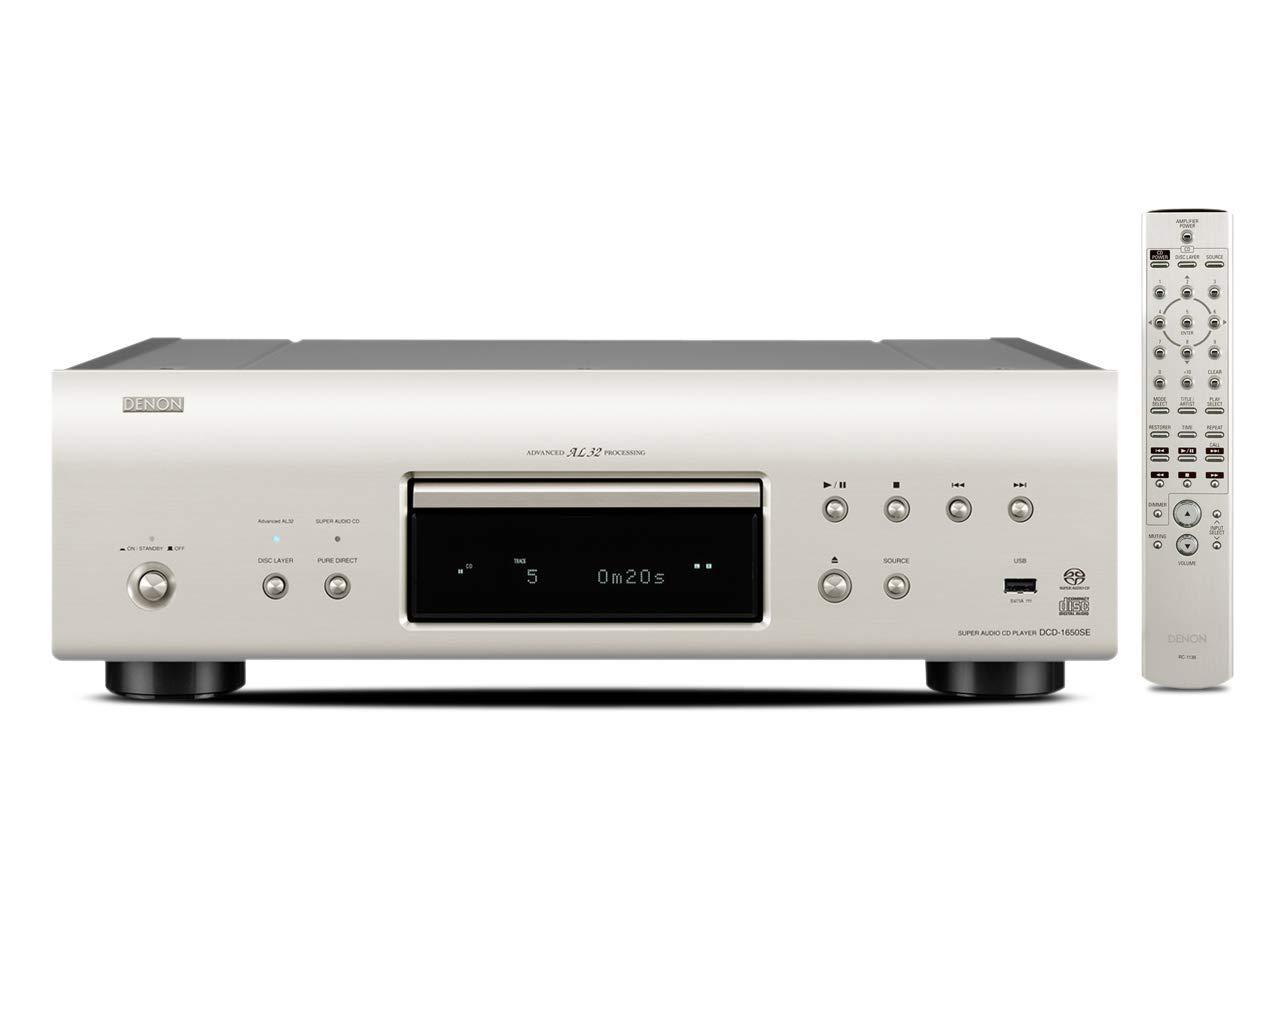 デノン SACD/CDプレーヤー DENON DCD-1650SE-SP B002HW1ZZS